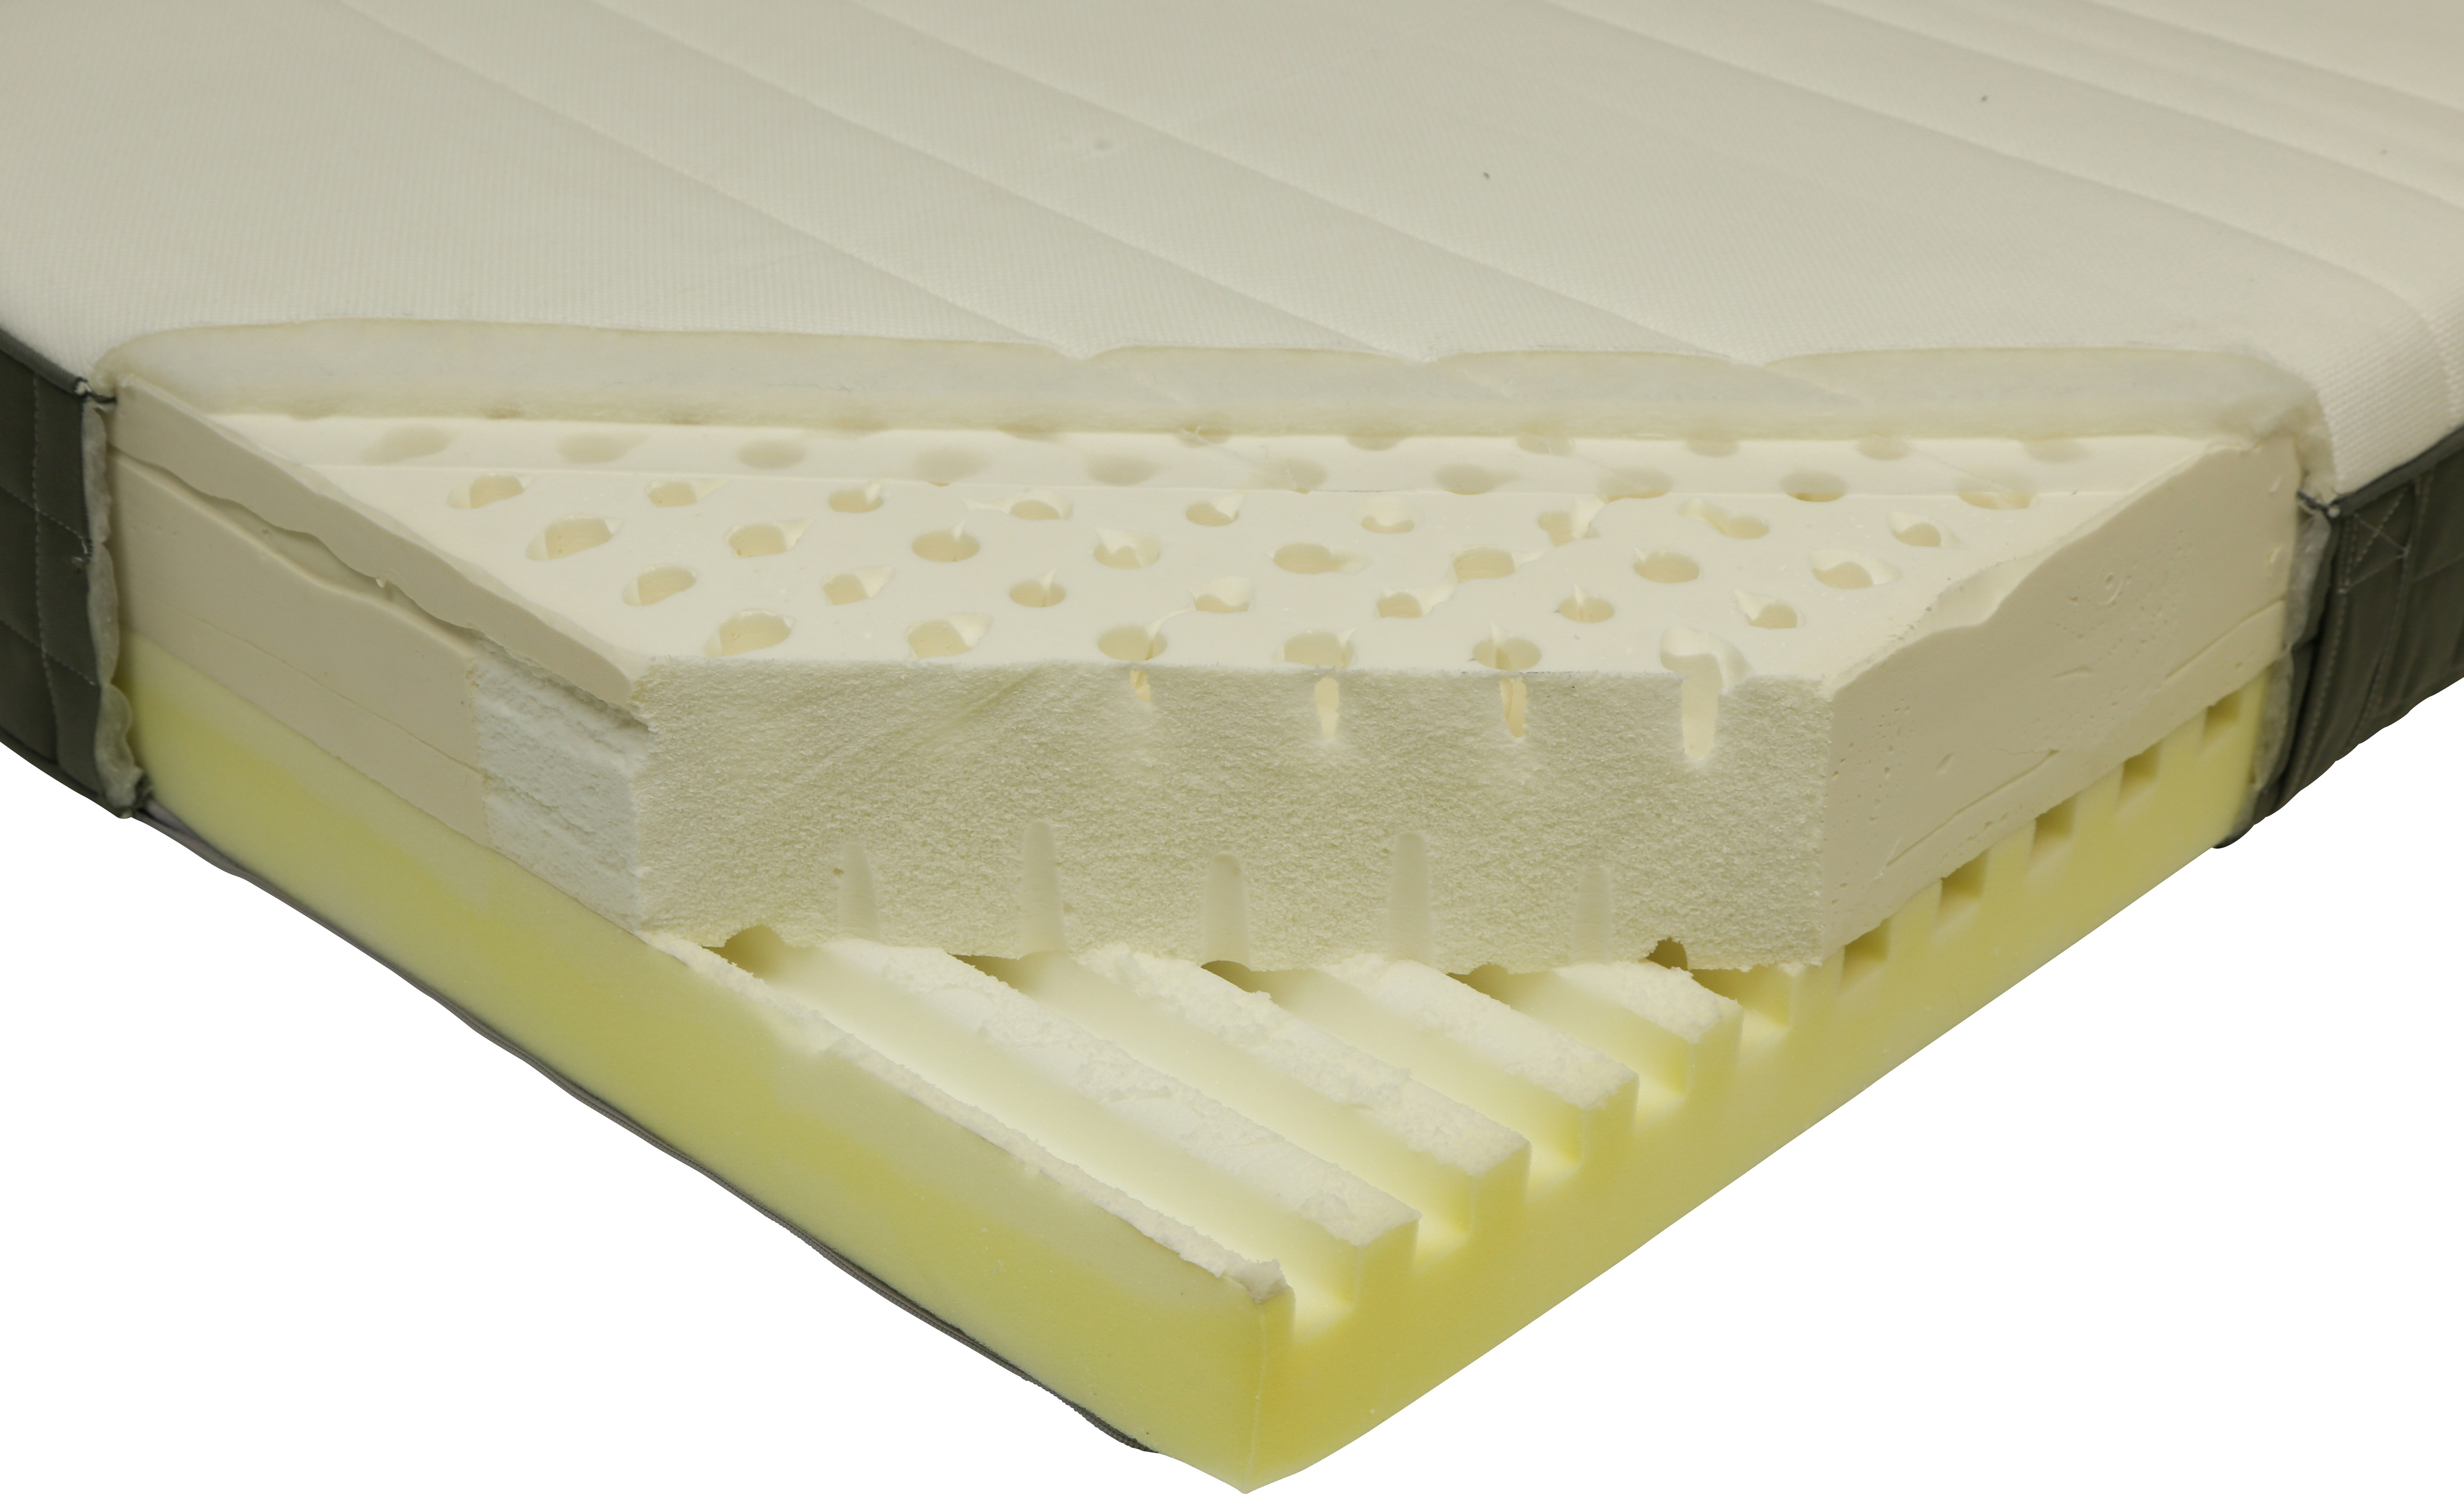 Materassi Ikea Memory Foam.Ikea Materassi In Lattice Amazing Materassi Gonfiabili Ikea Great